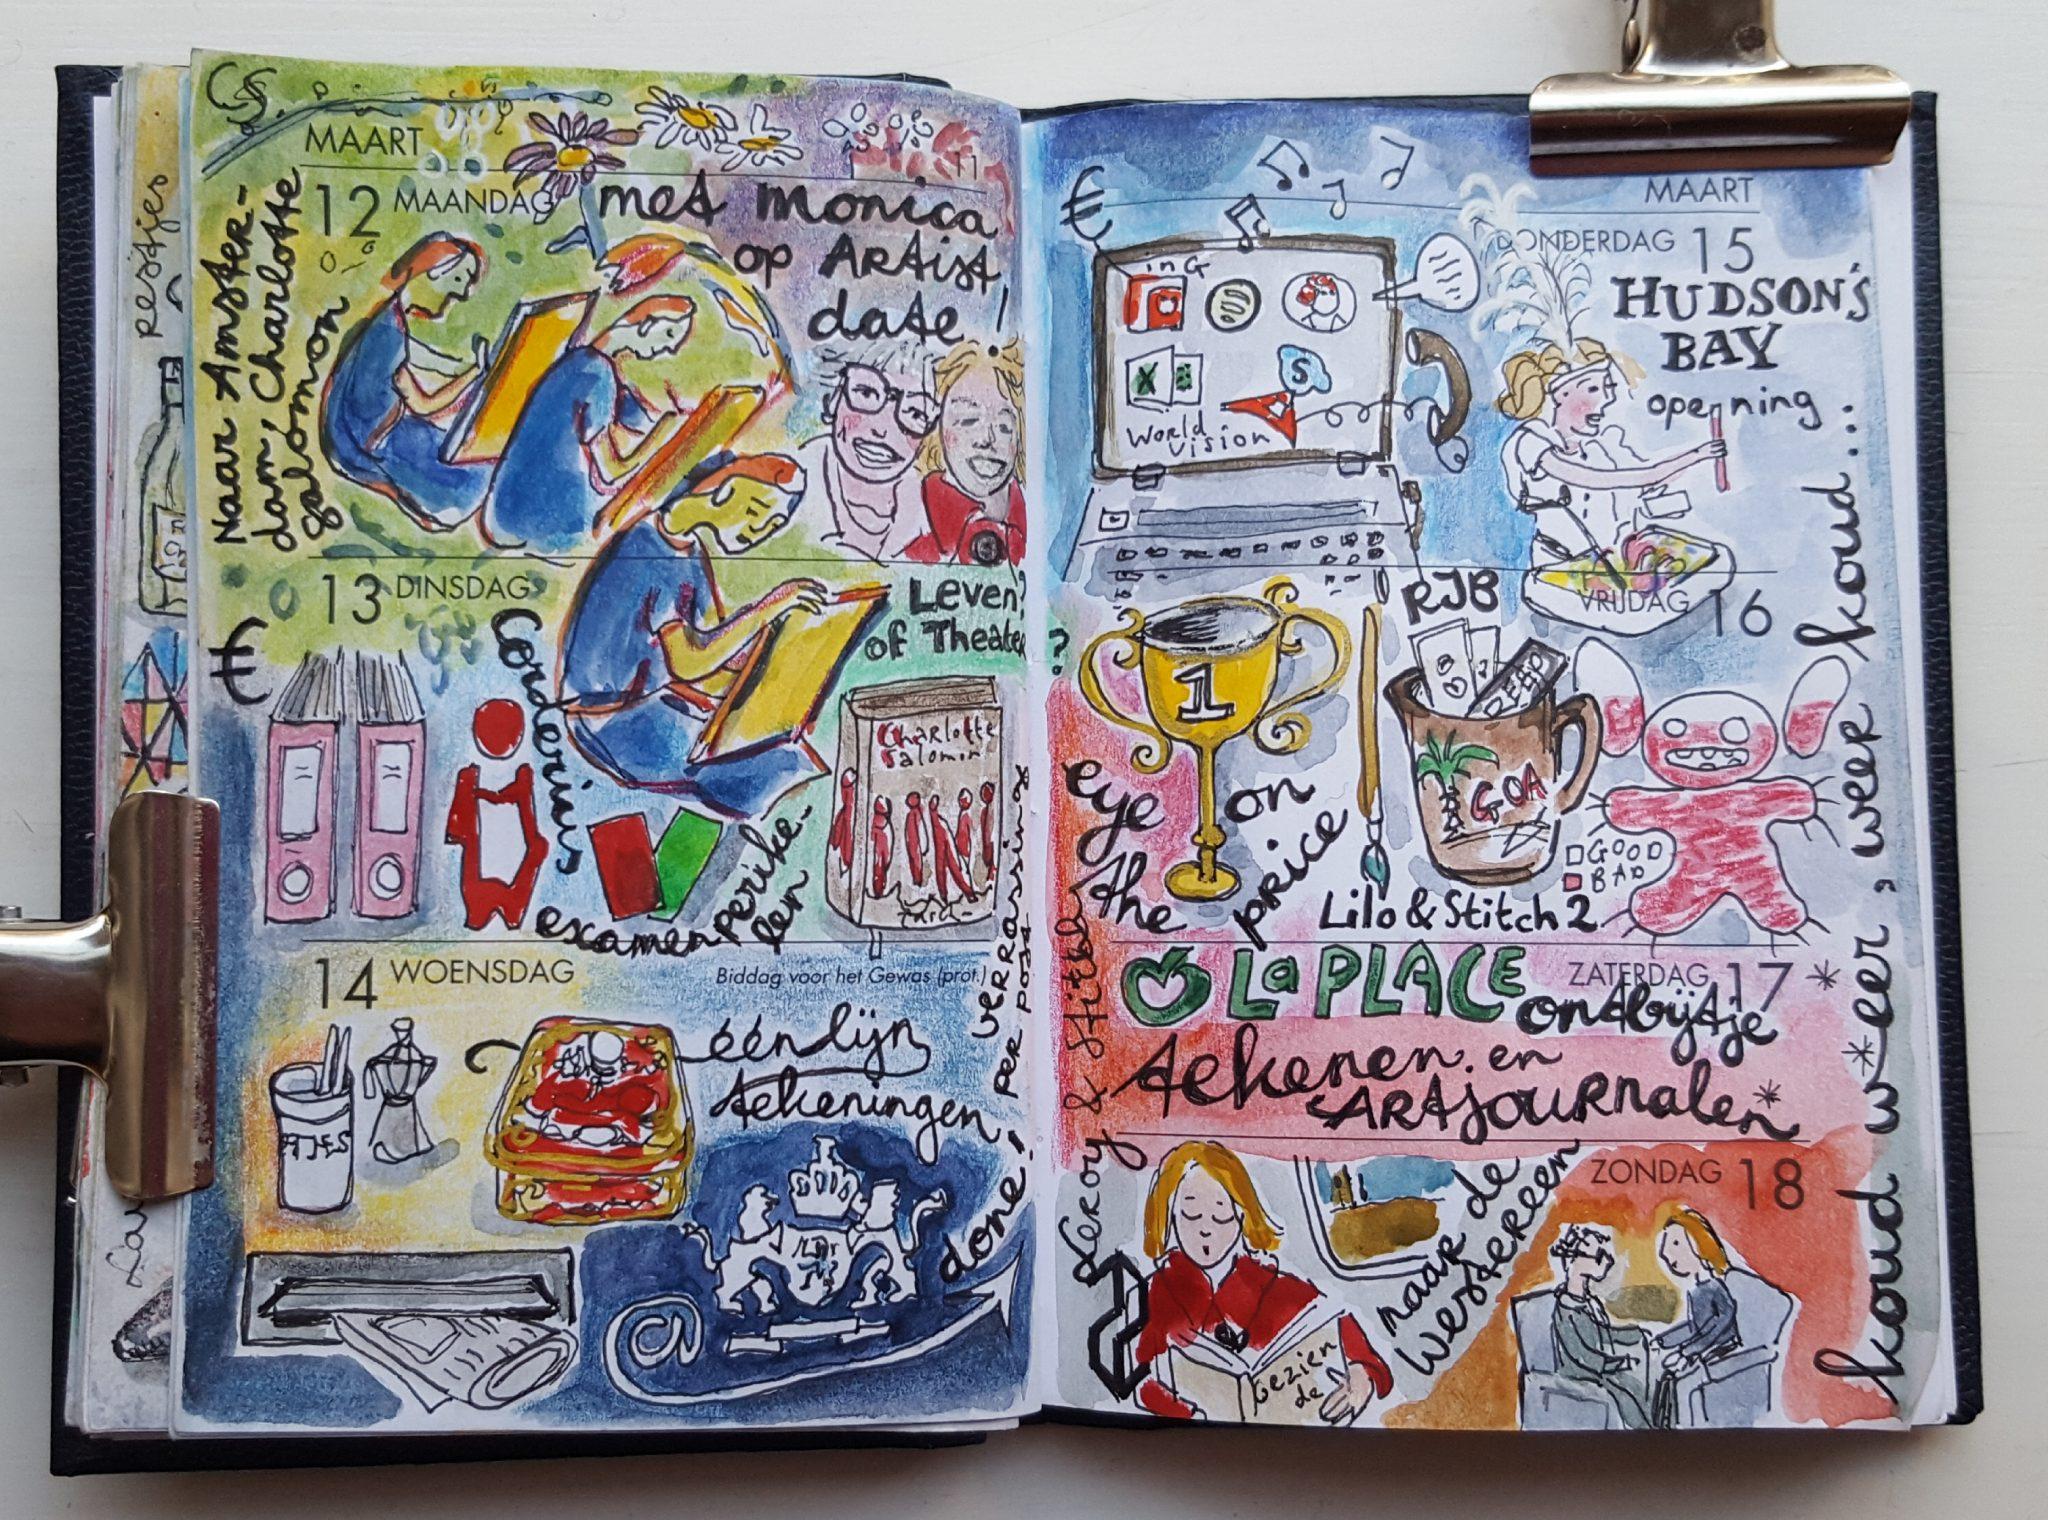 dagboektekenen voorbeeld uit daily diary